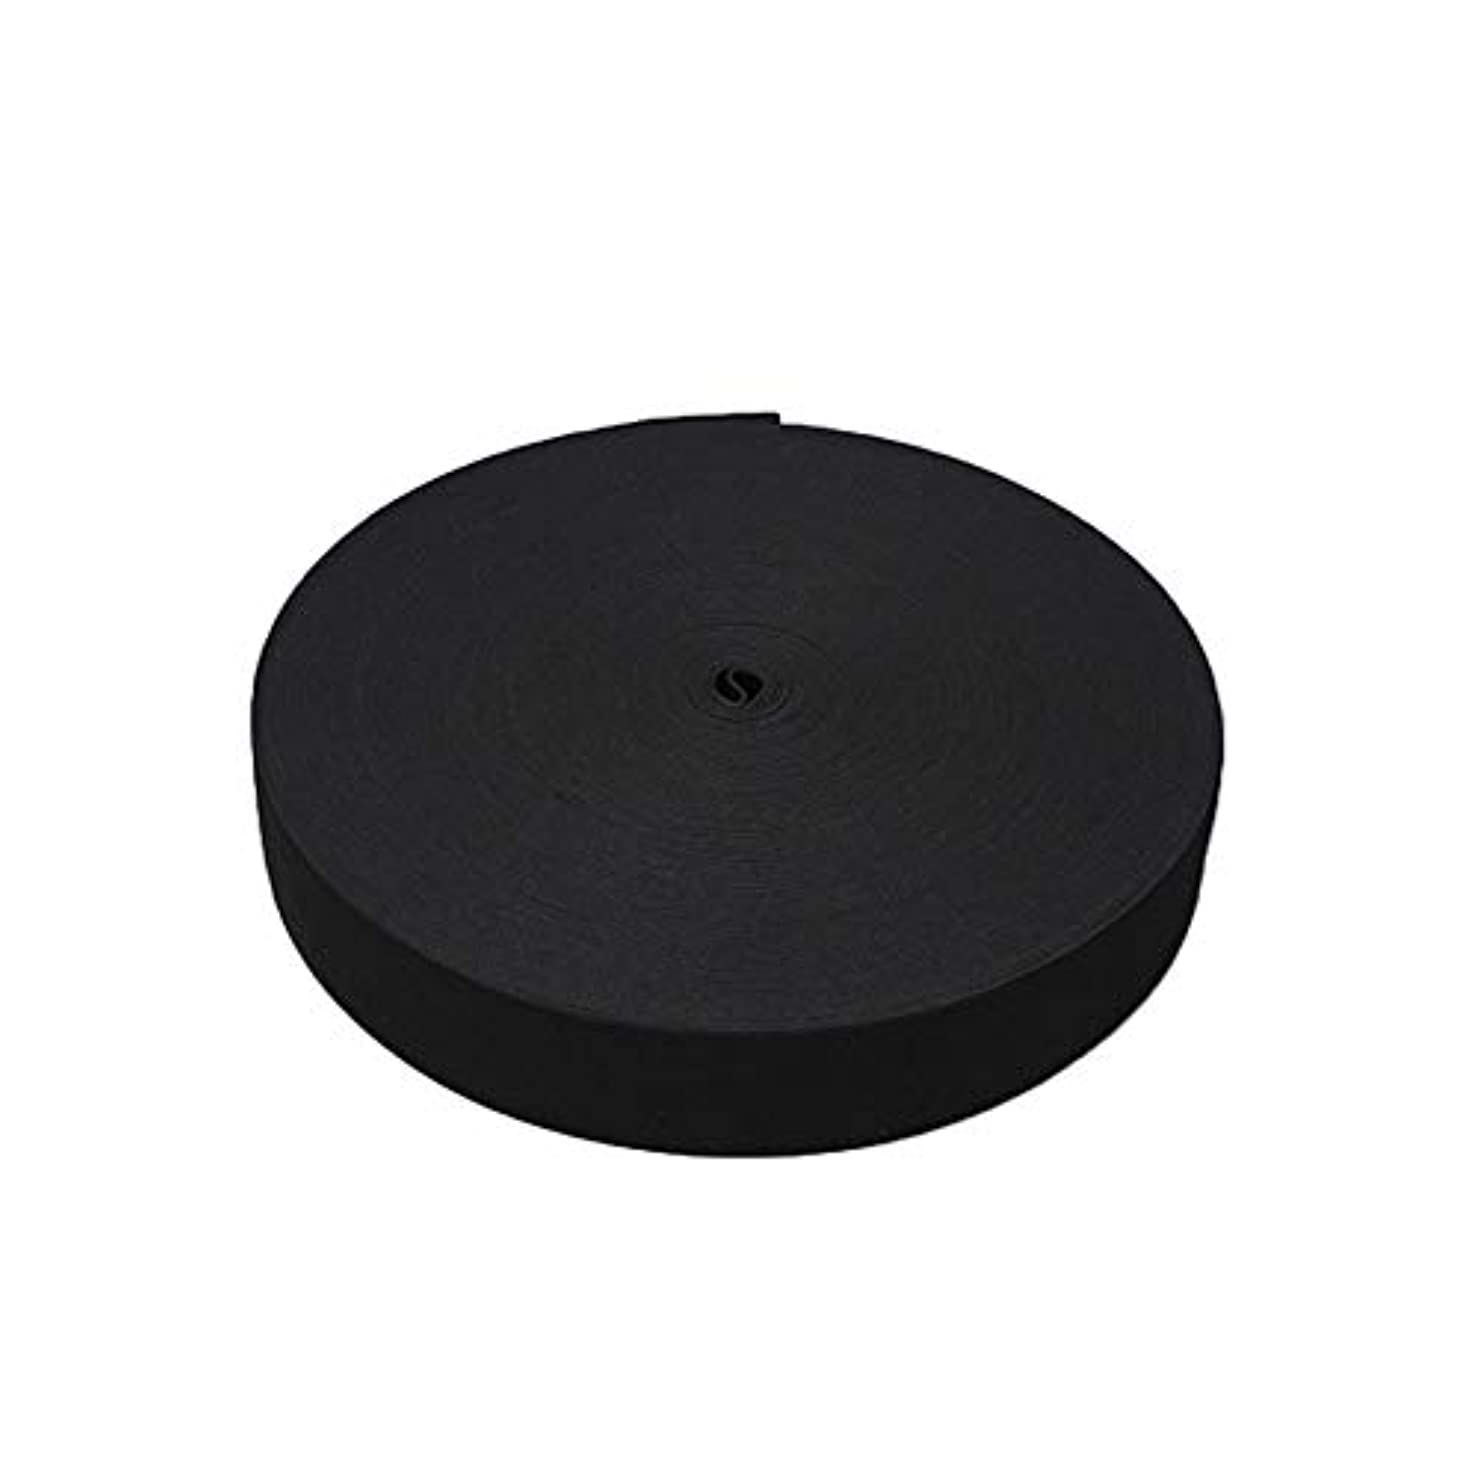 11 Yard White Knit Elastic Spool (1 Inch) (Black, 1 Inch x 11 Yard)